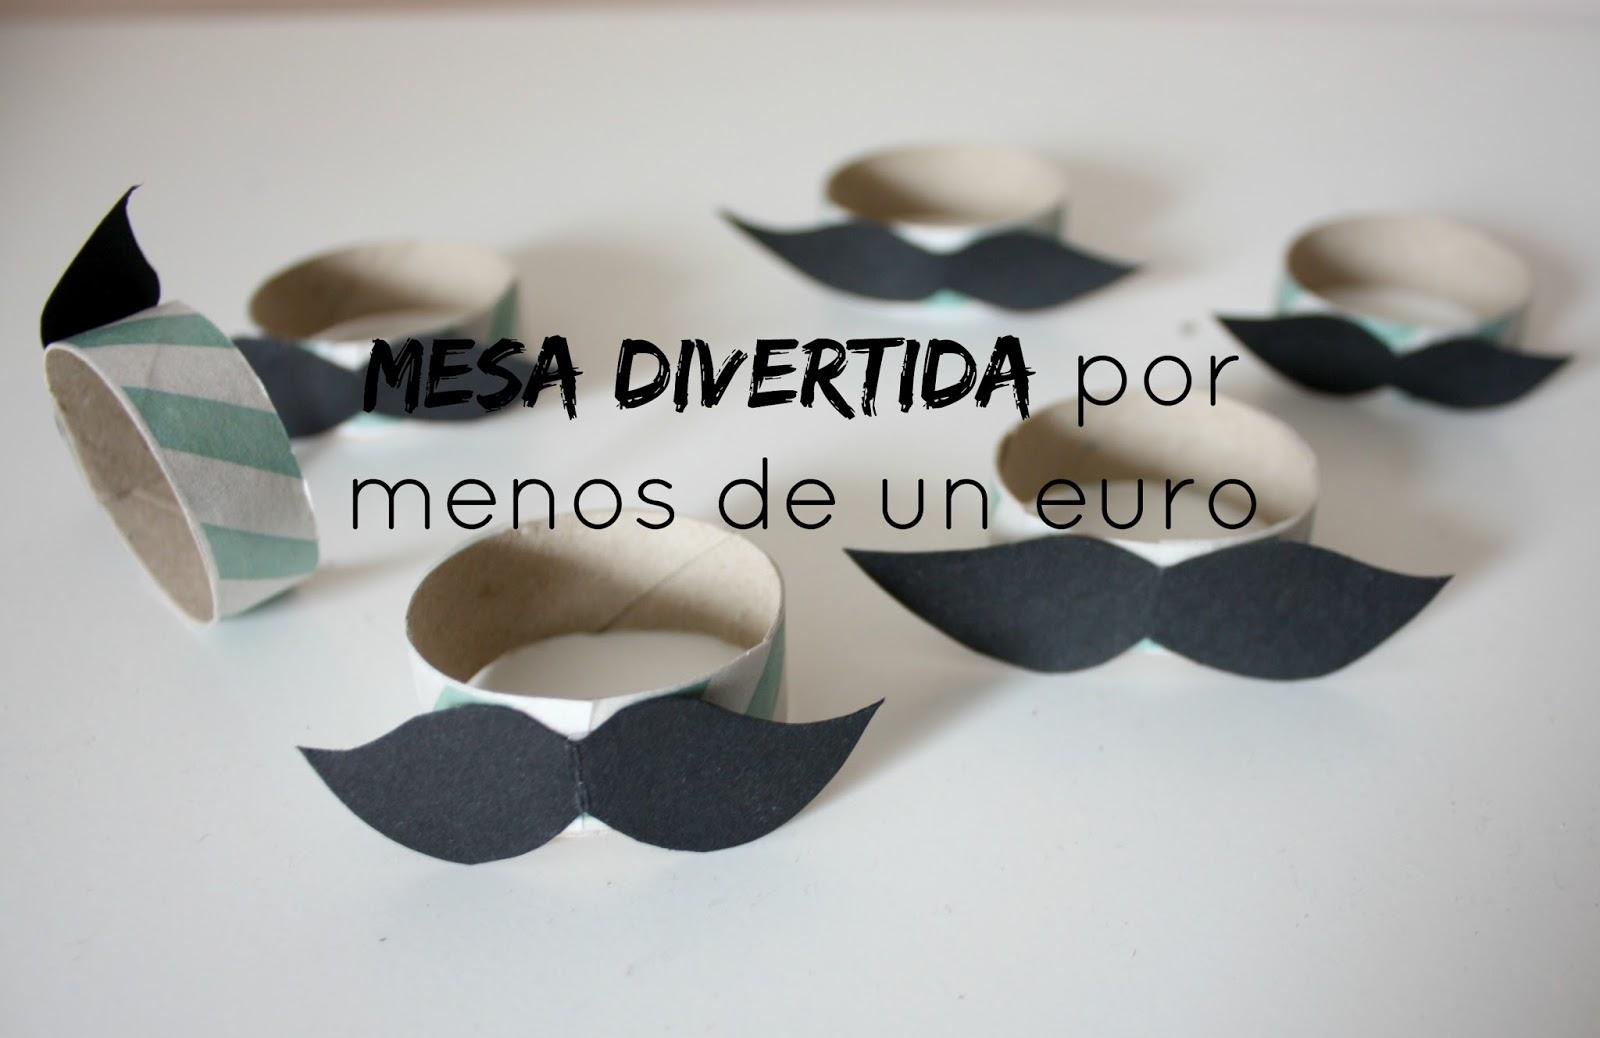 http://mediasytintas.blogspot.com/2015/03/mesa-divertida-por-menos-de-un-euro.html